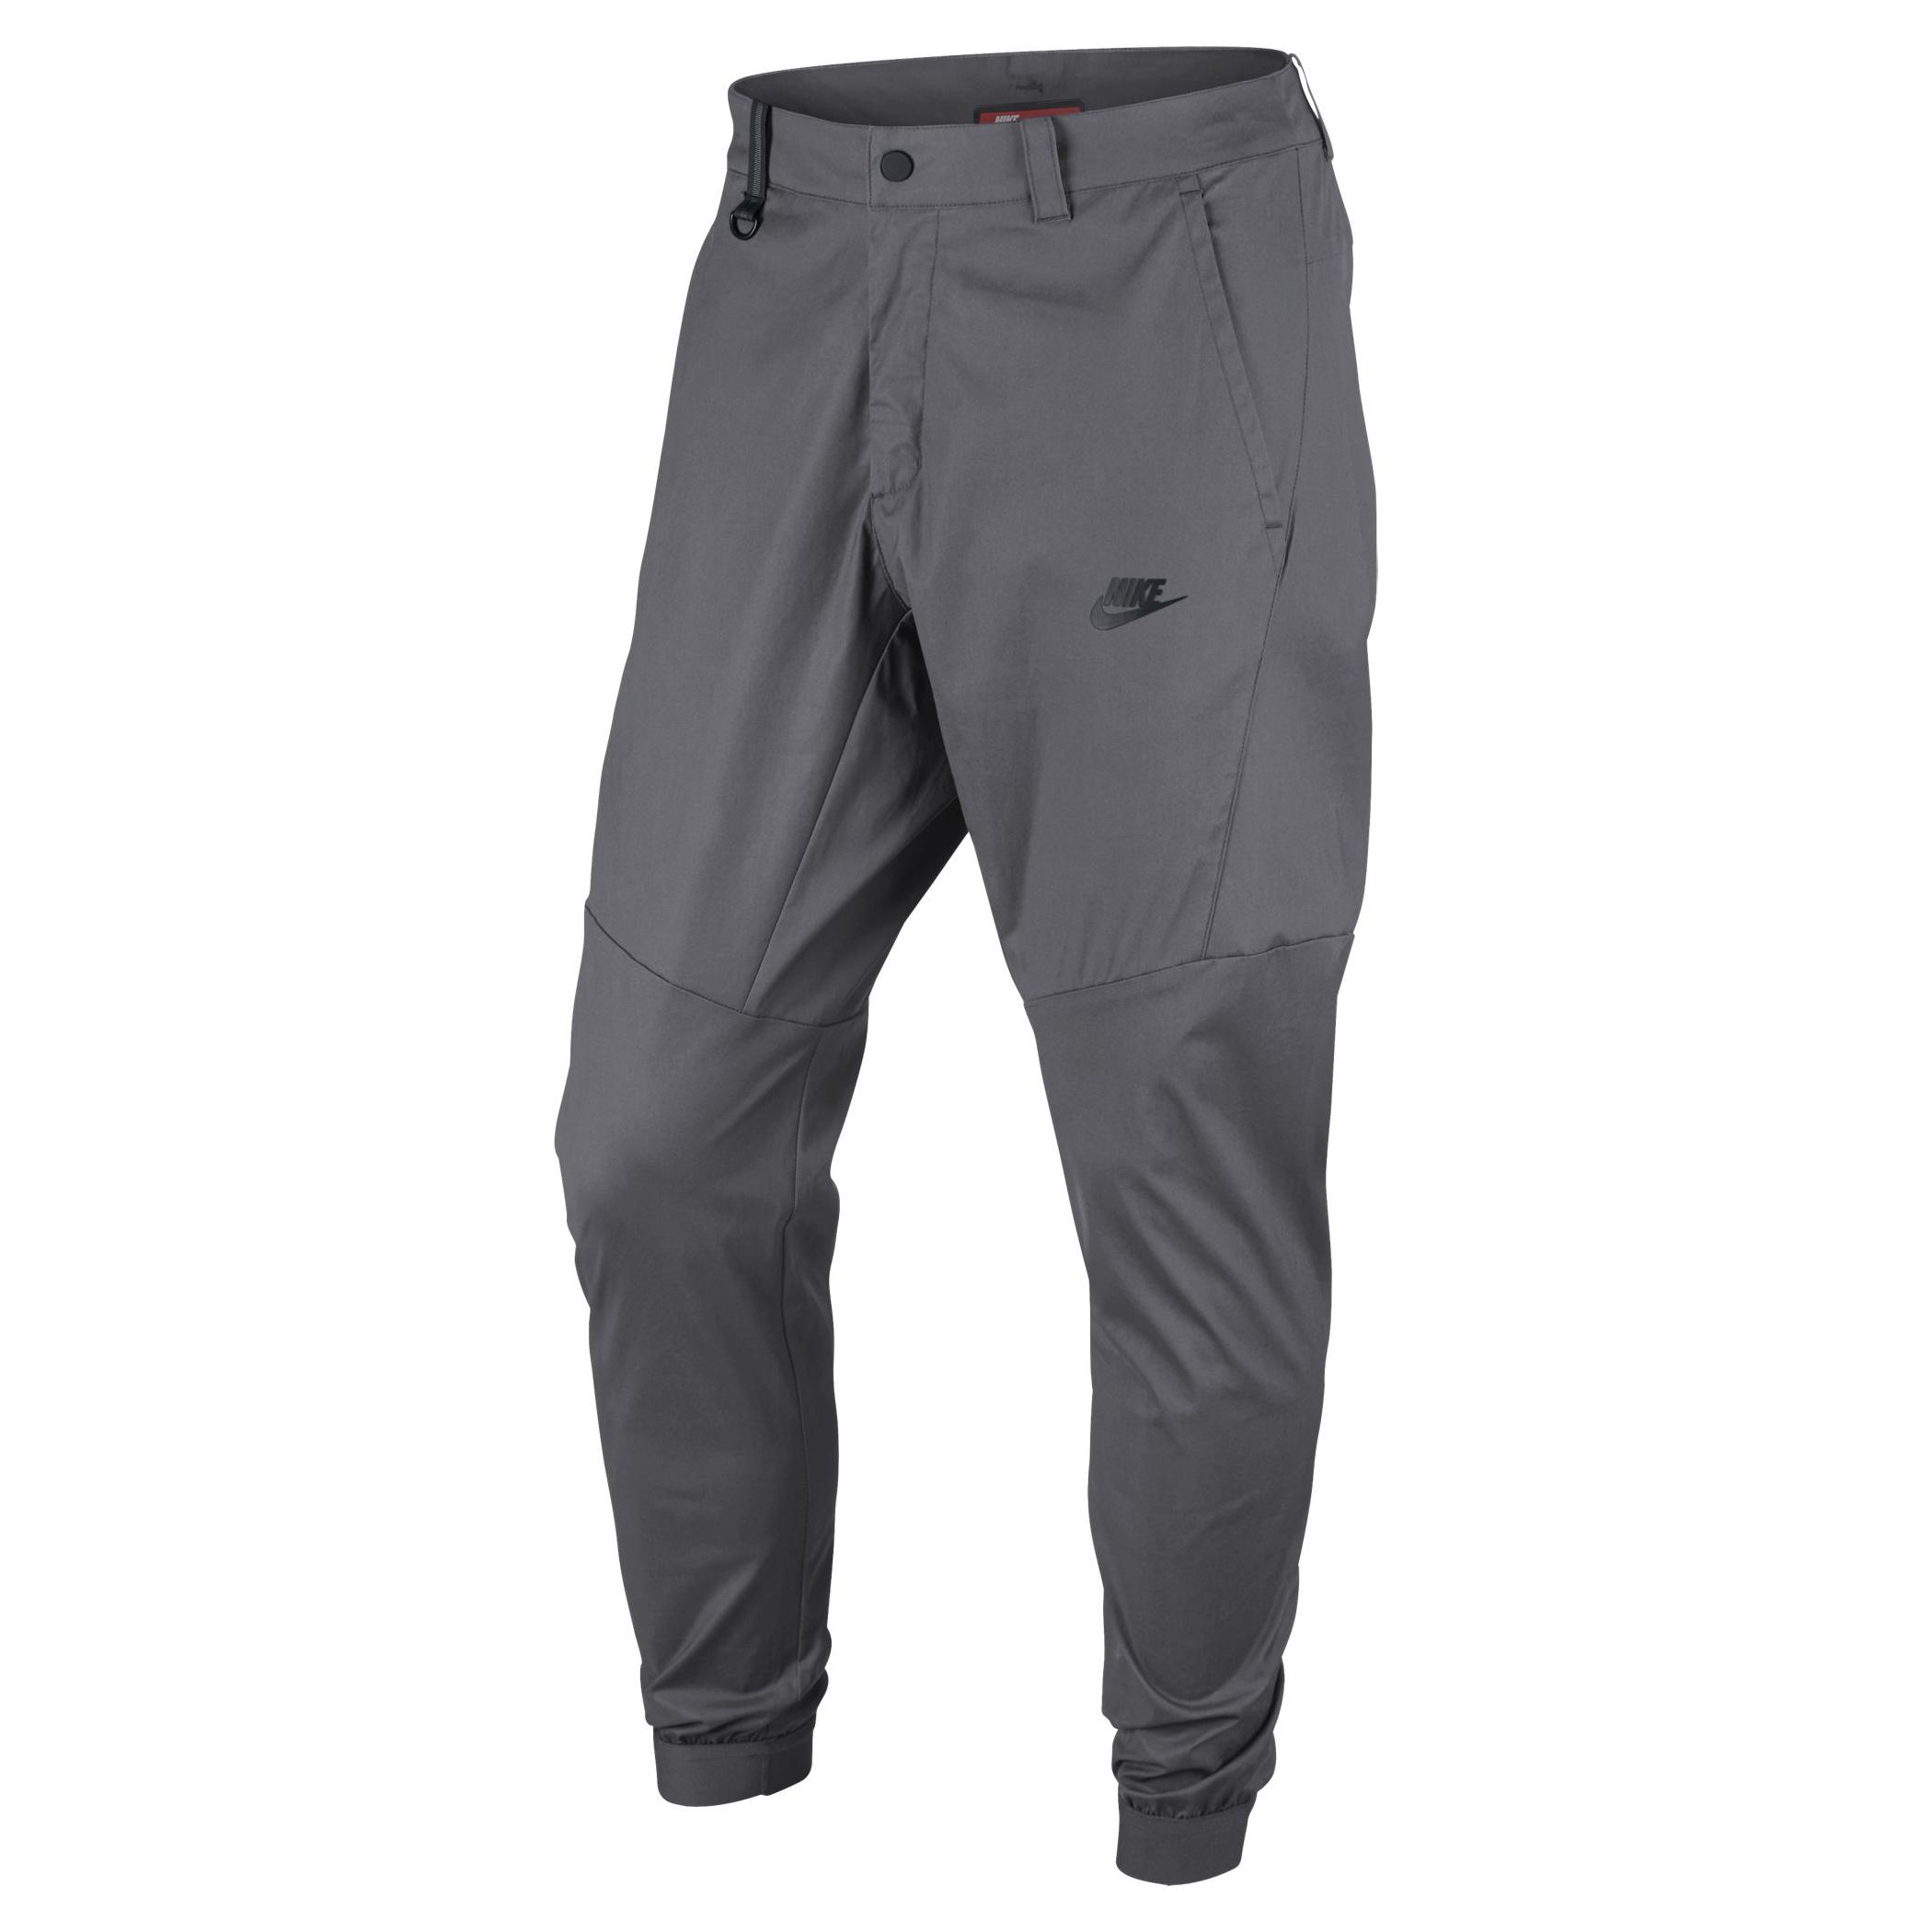 108842fffca6 Брюки от Nike (823363-036) - продажа, цена, фото, описание